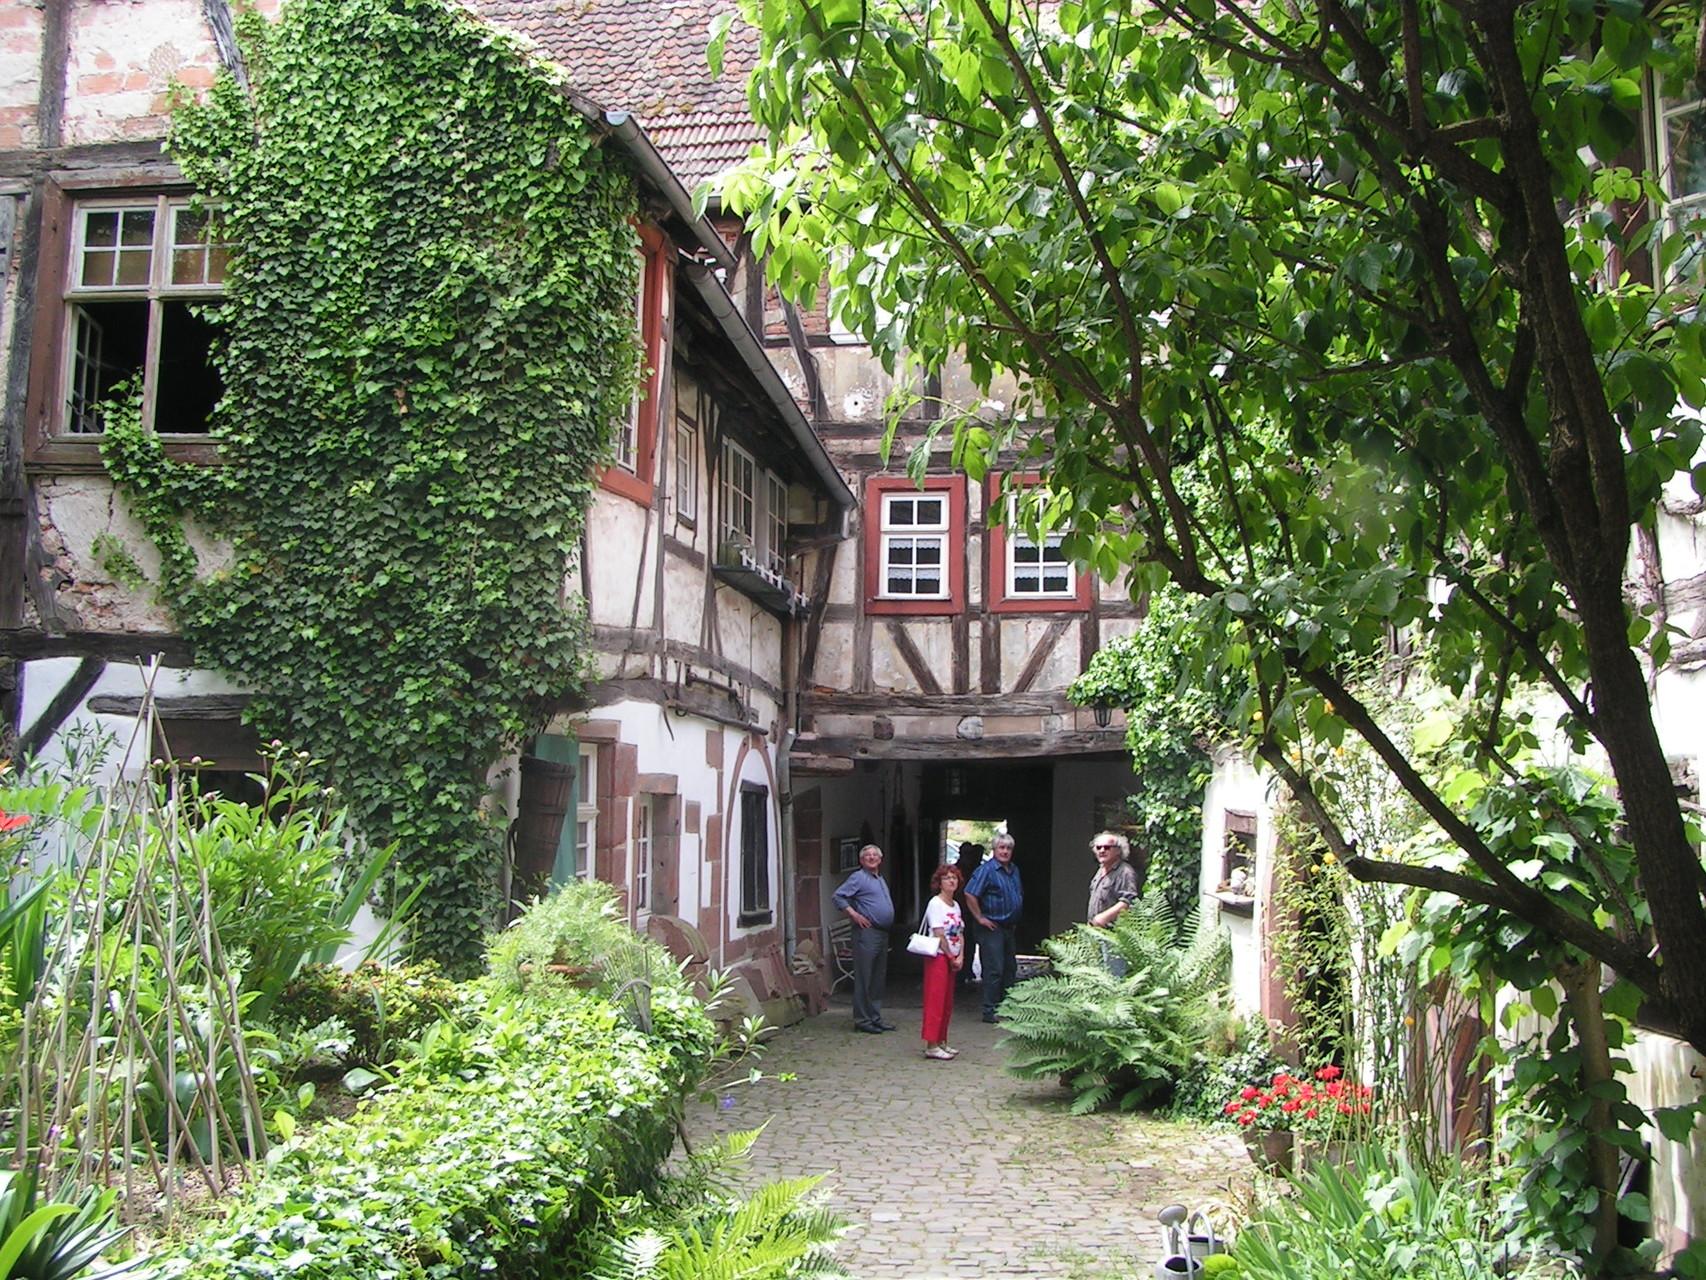 Innenhof des ehemaligen Hotels in Weißenburg